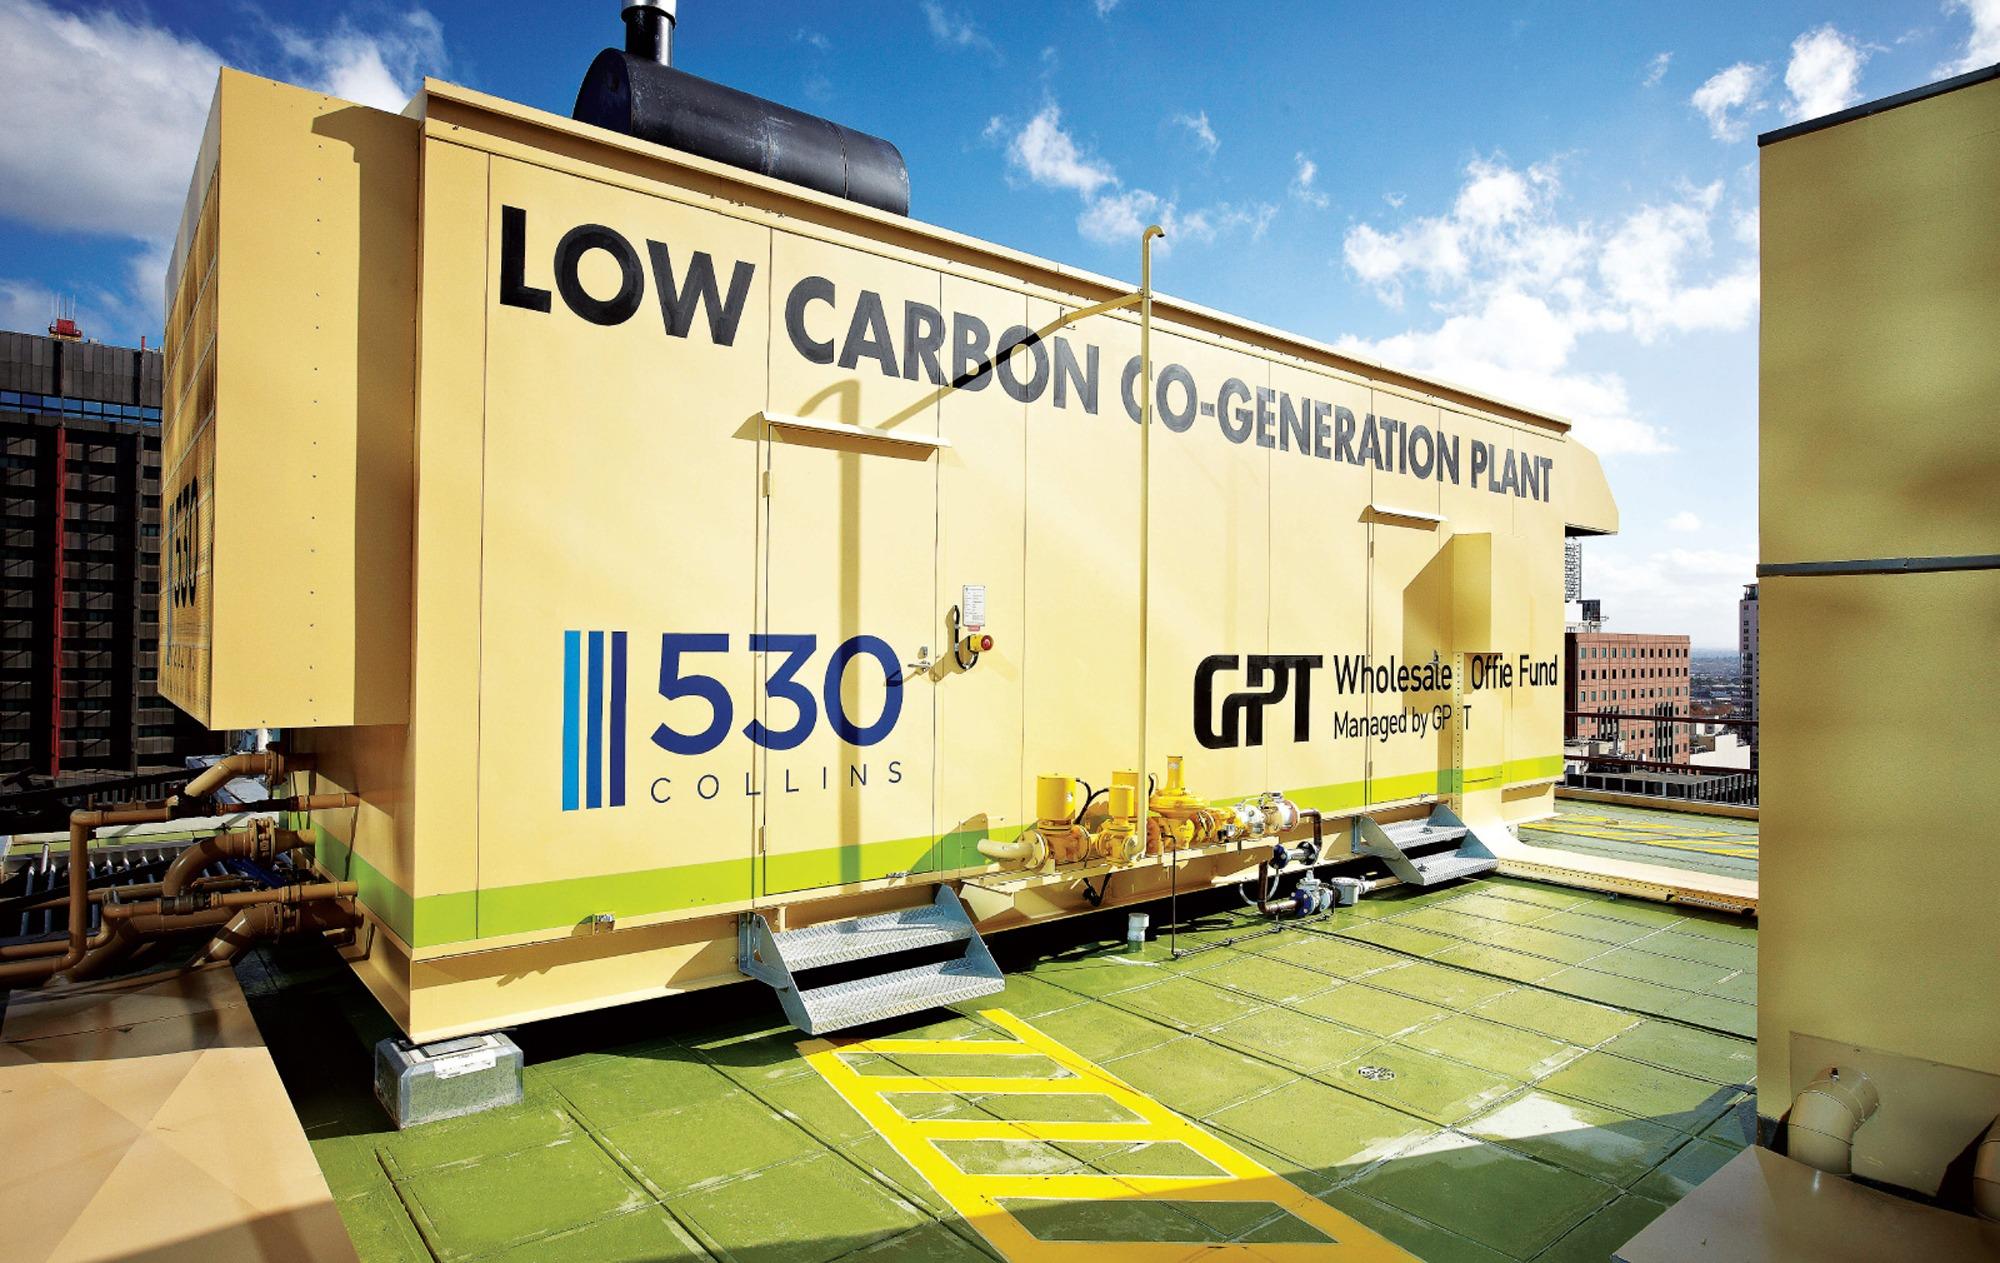 530-low-carbon